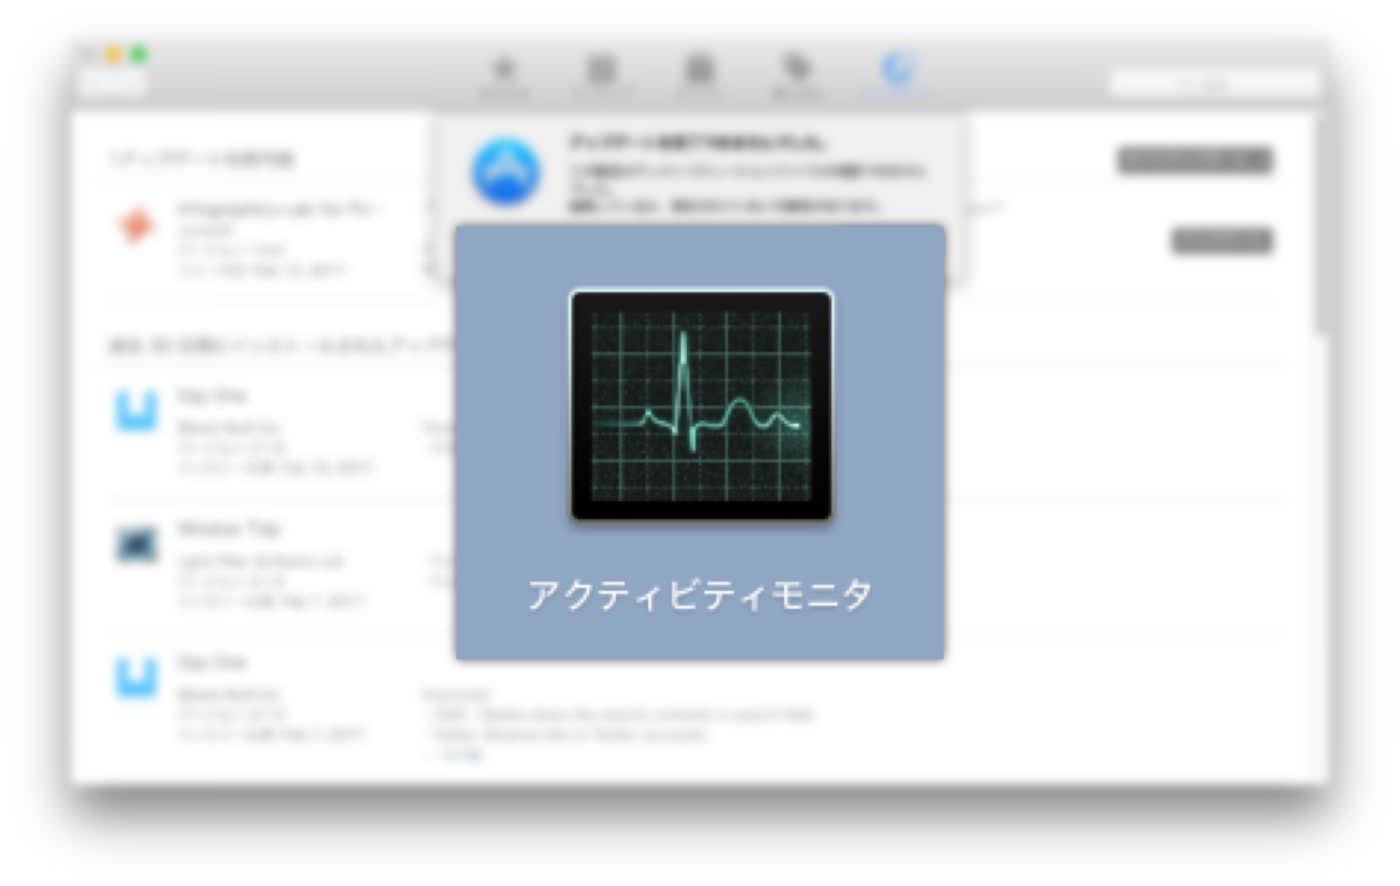 [Mac]App Store で「ディストリビューションファイルが検証できません」とエラー表示されたけど過去記事で無事に解決できたよ